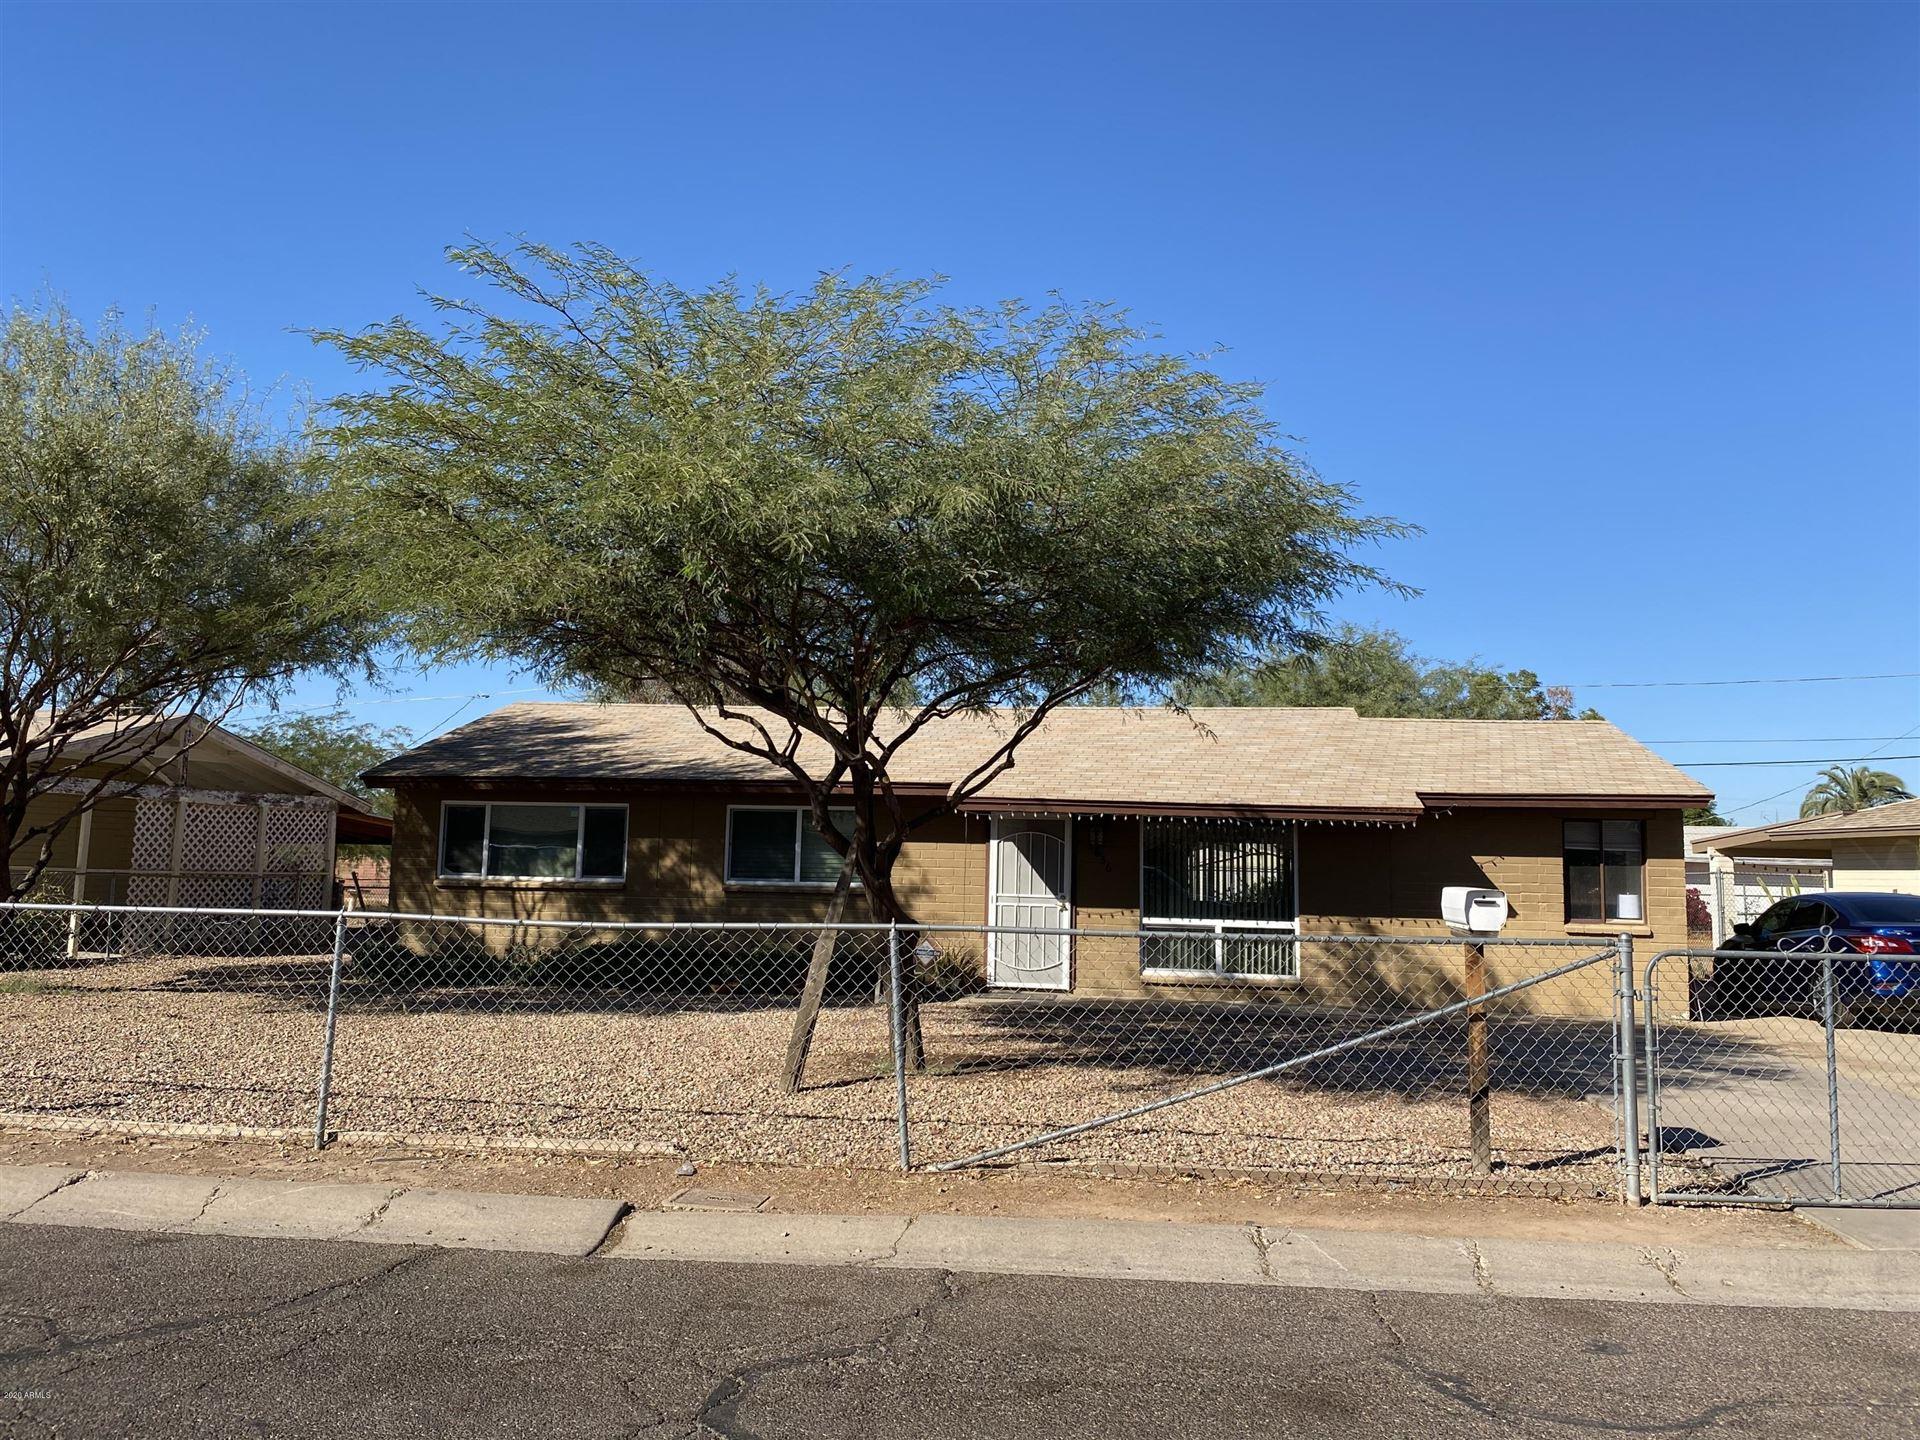 3636 W VERNON Avenue, Phoenix, AZ 85009 - MLS#: 6161317